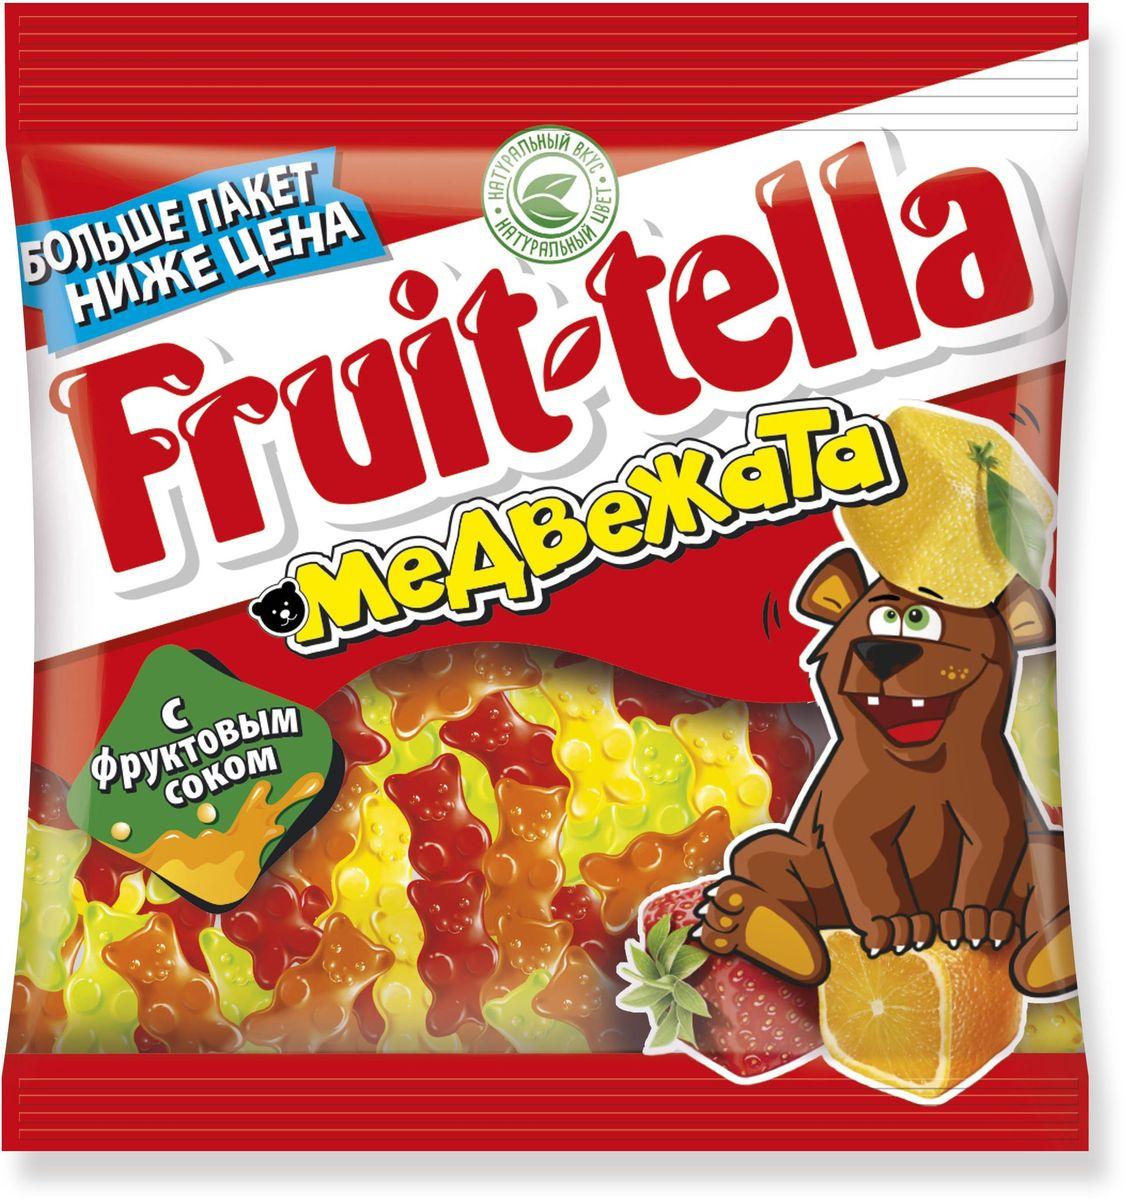 Fruittella Медвежата жевательный мармелад, 150 г8253011Сочные жевательные конфеты и мармелад Fruit-tella дарят детям и взрослым всю радугу цветов и вкусов: от апельсина и яблока до черной смородины и клубники! Они изготовлены по уникальной рецептуре с использованием только натуральных компонентов – фруктов, овощей и фруктовых соков!Уважаемые клиенты!Обращаем ваше внимание на возможные изменения в дизайне упаковки. Качественные характеристики товара остаются неизменными. Поставка осуществляется в зависимости от наличия на складе.